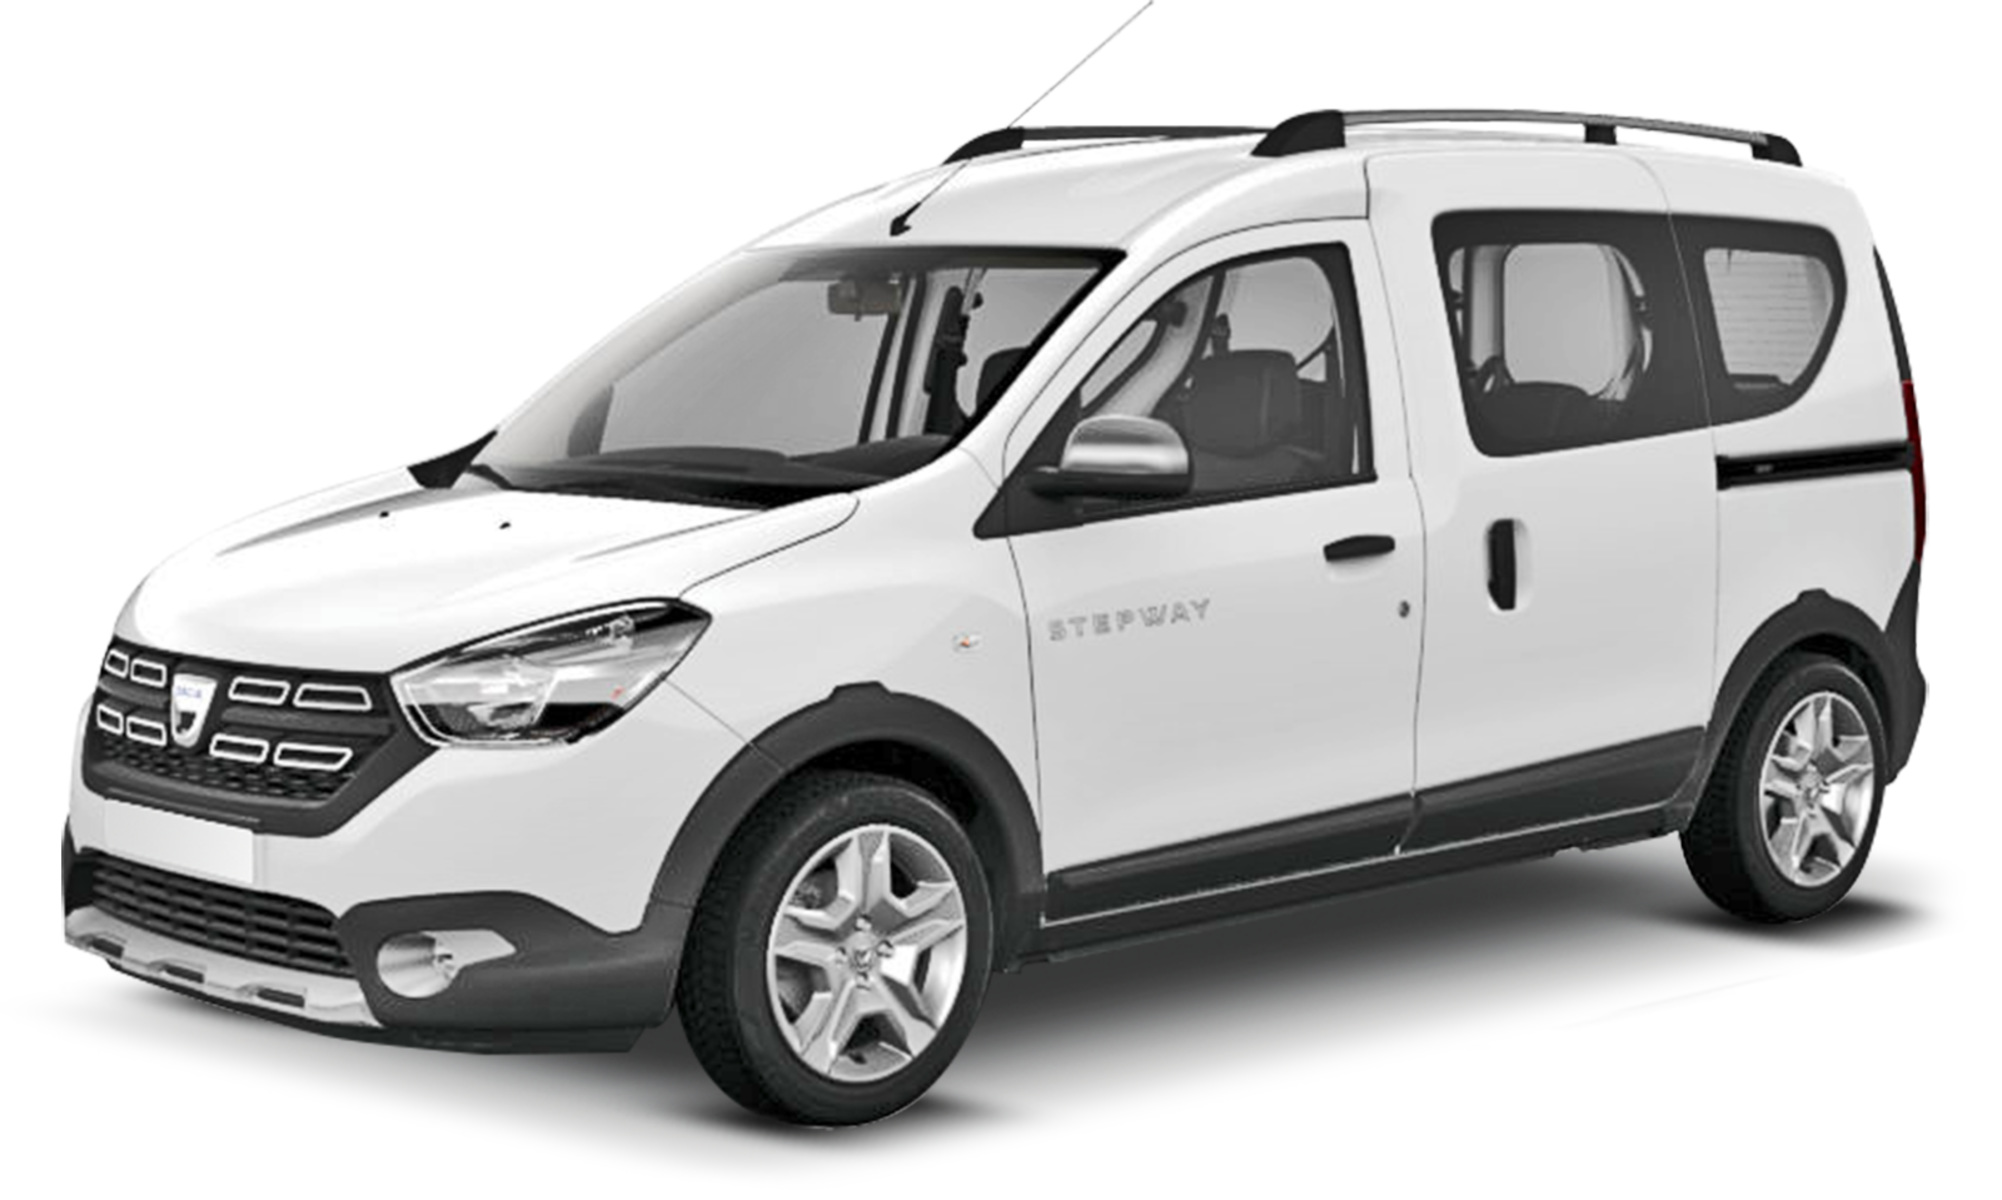 Opel Jeep 2017 >> Listino Dacia Dokker Stepway prezzo - scheda tecnica - consumi - foto - AlVolante.it